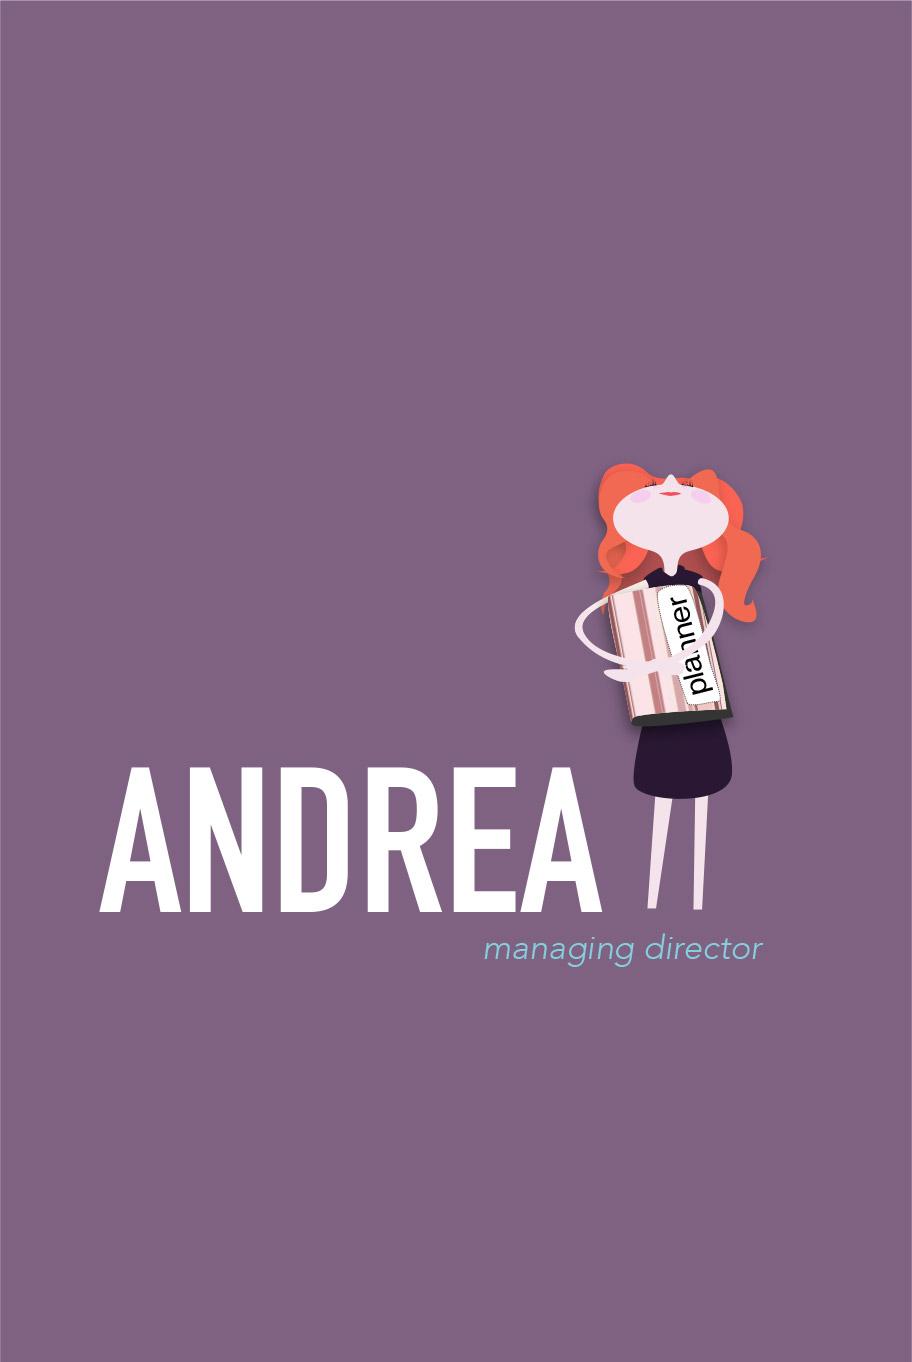 ANDREA LAZOR